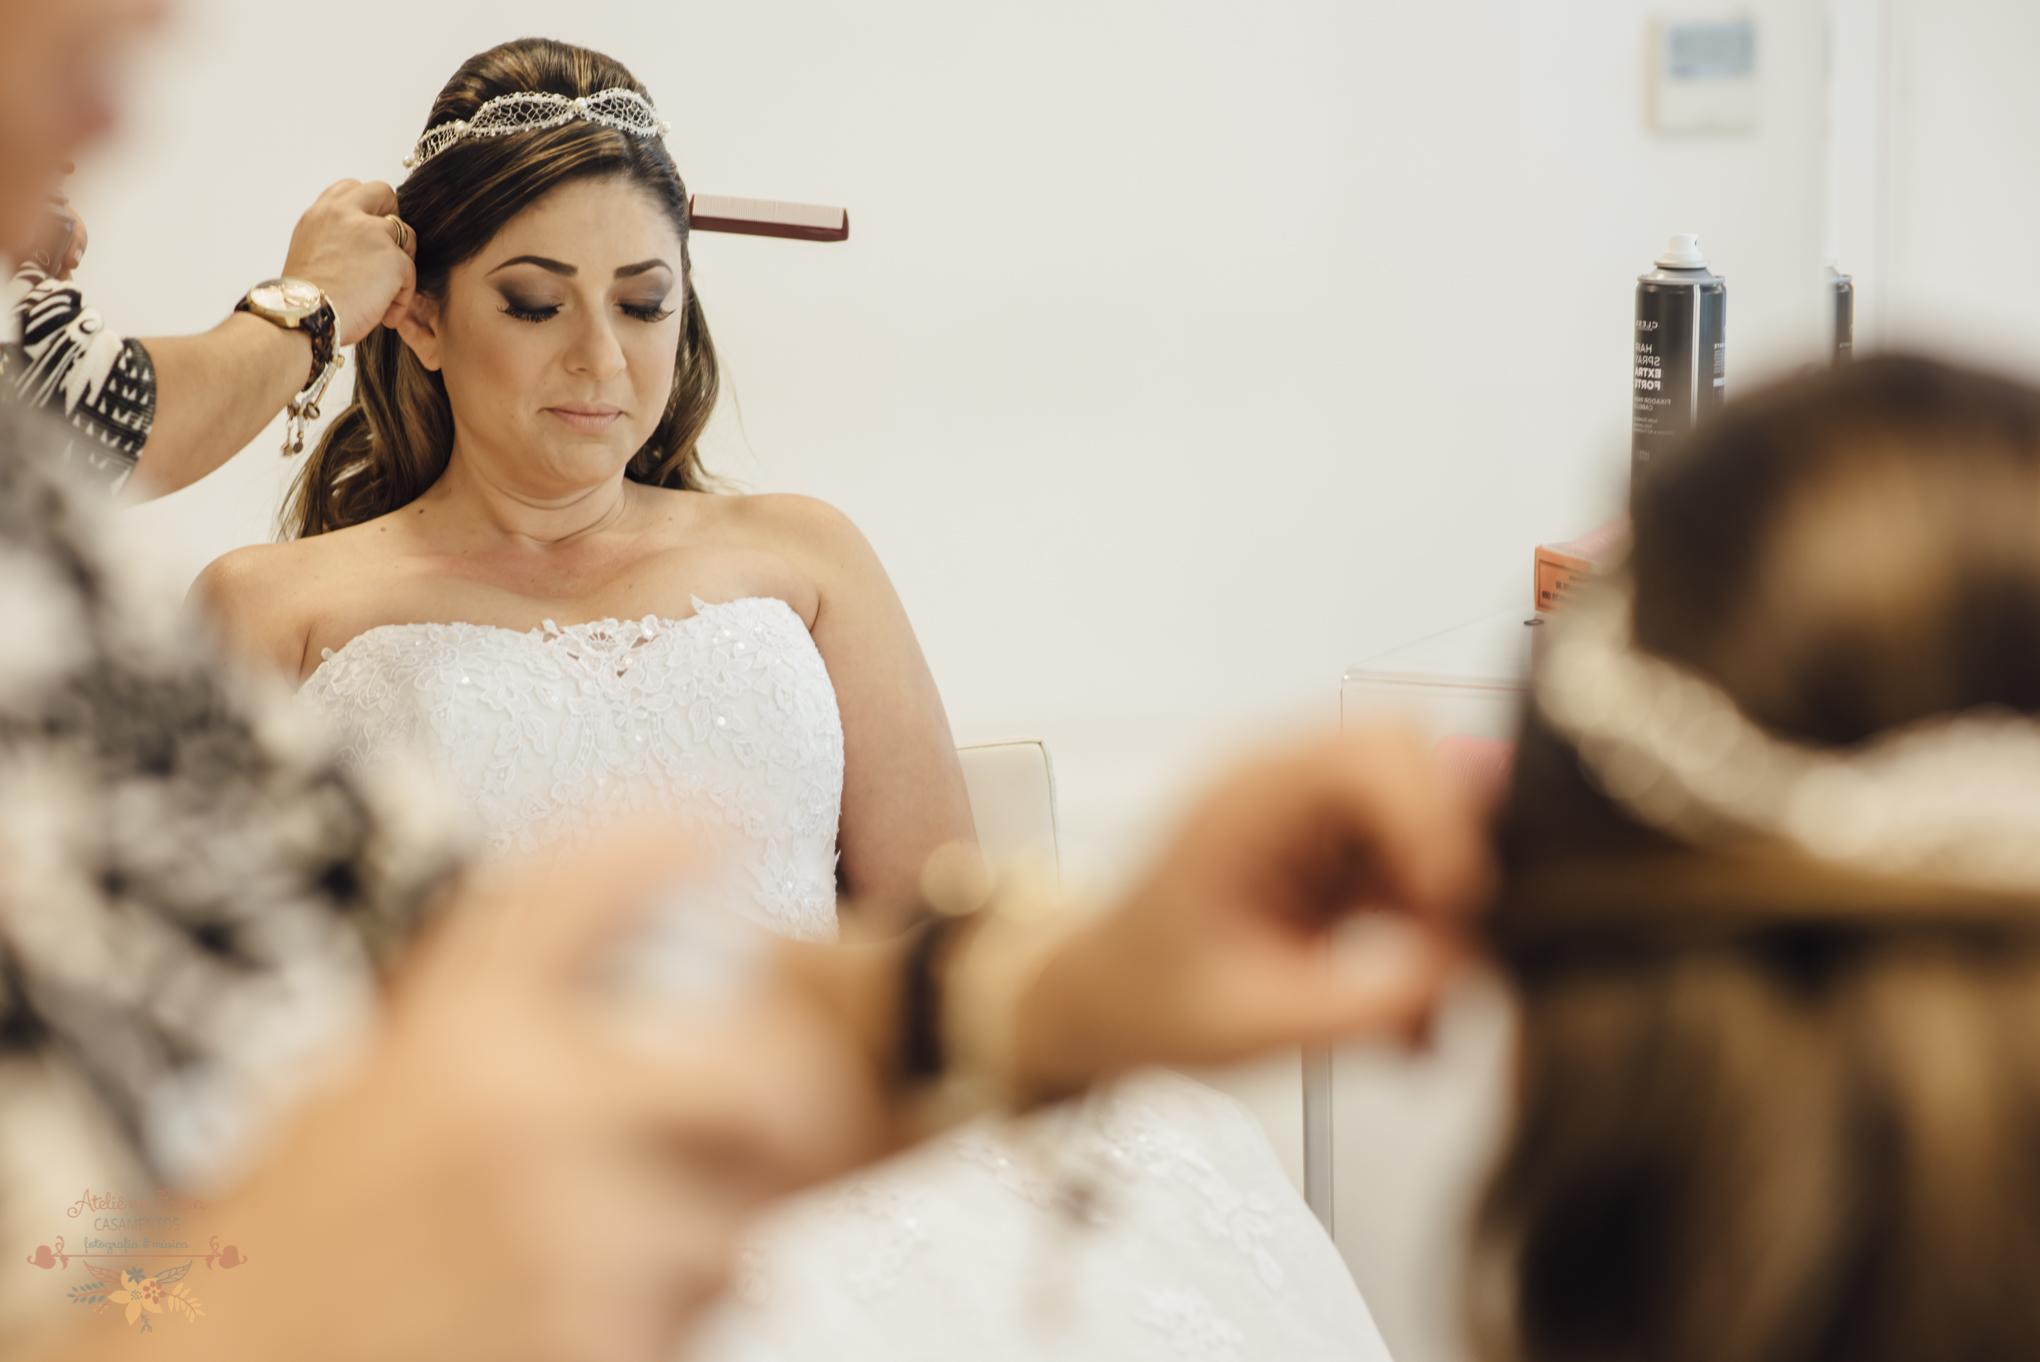 01-Atelie-na-Praia-Casamento-Yasmine-Anderson-0699